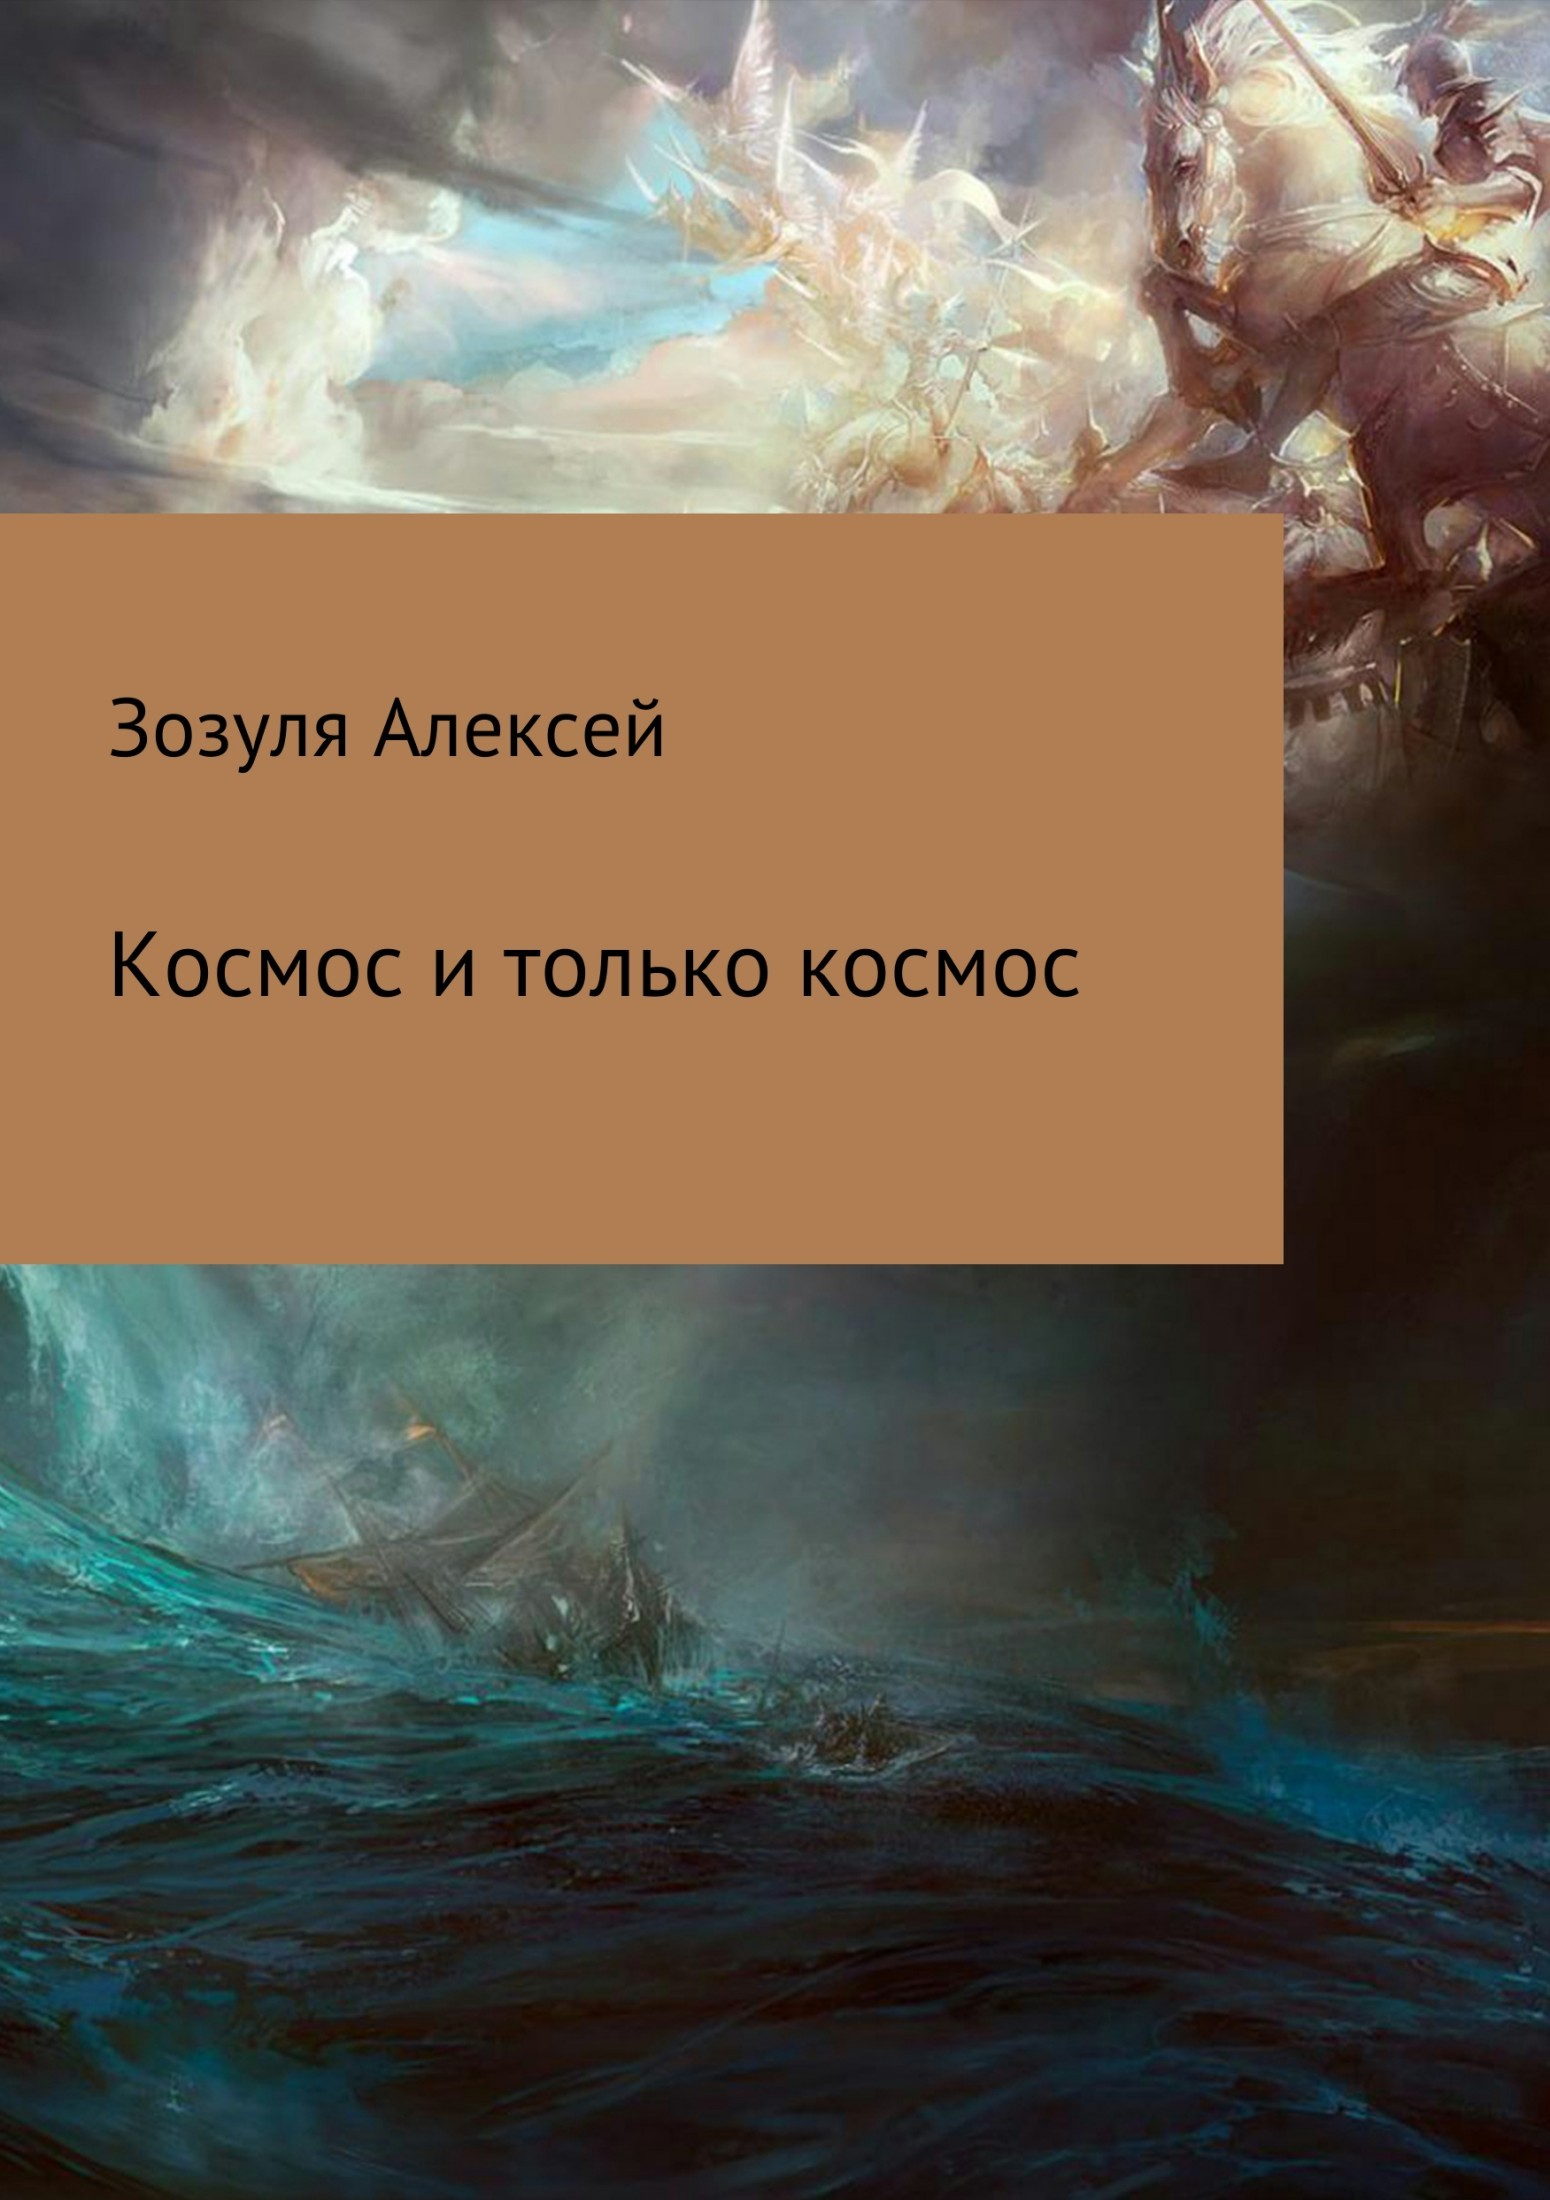 Алексей Юрьевич Зозуля. Космос и только космос